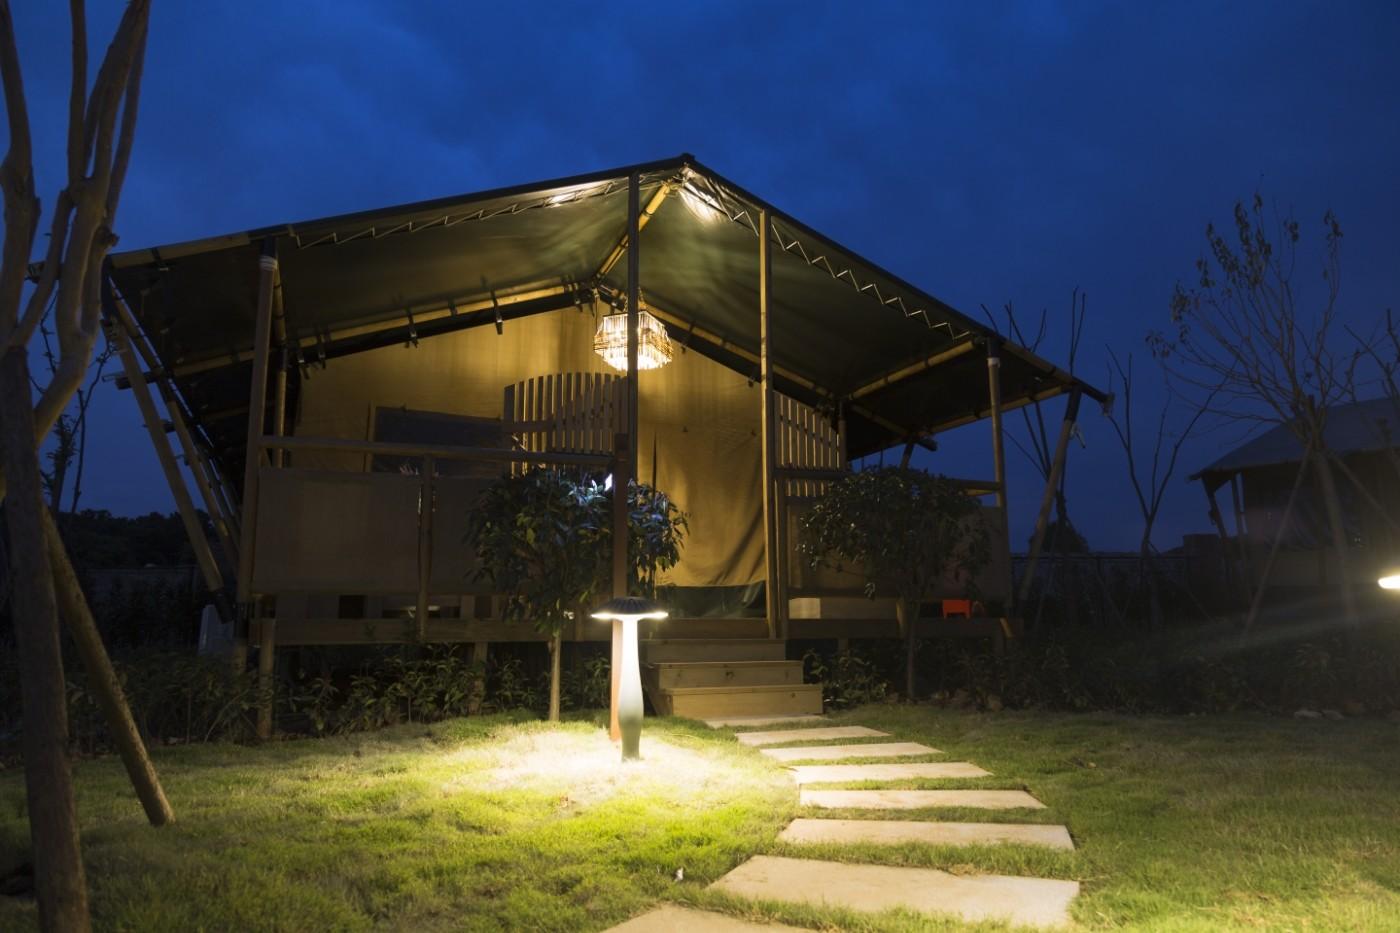 喜马拉雅野奢帐篷酒店—太湖湾露营谷11